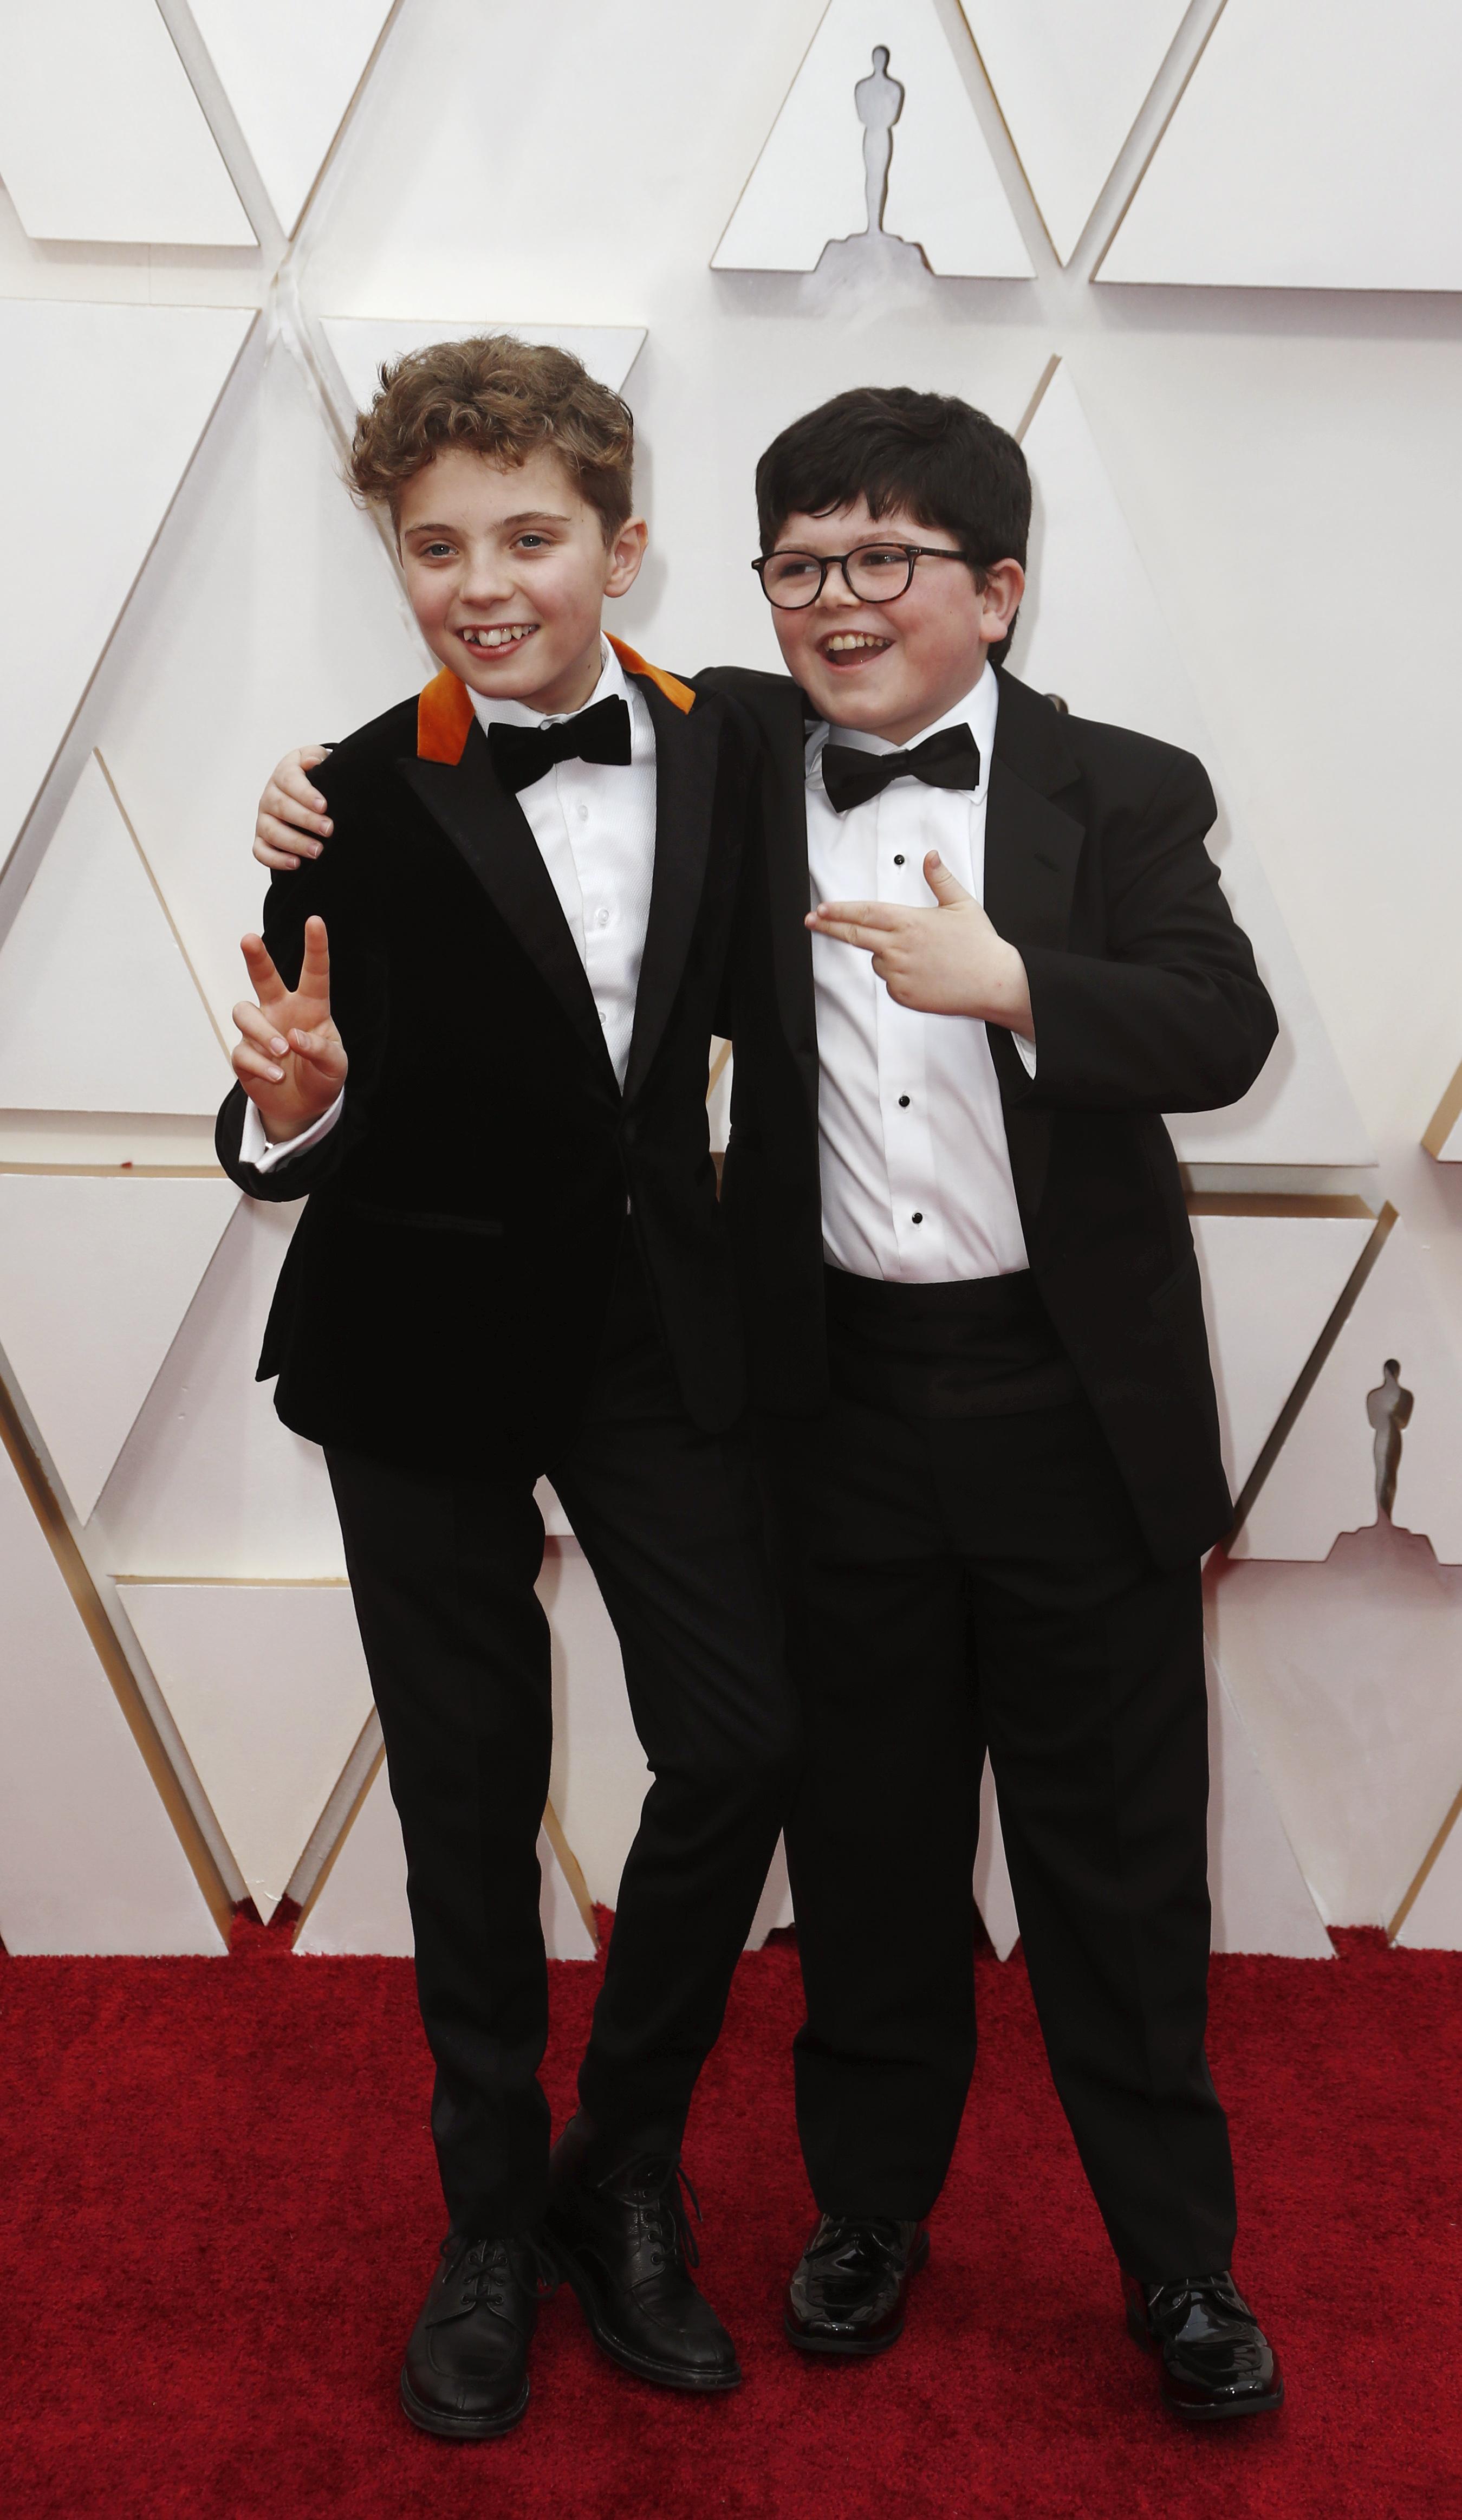 Roman Griffin Davis y Archie Yates, llegaron a la alfombra roja de los Oscar apostando al black tie con moño y camisa blanca. El distintivo fue el saco de Griffin Davis un detalle de chiffón naranja